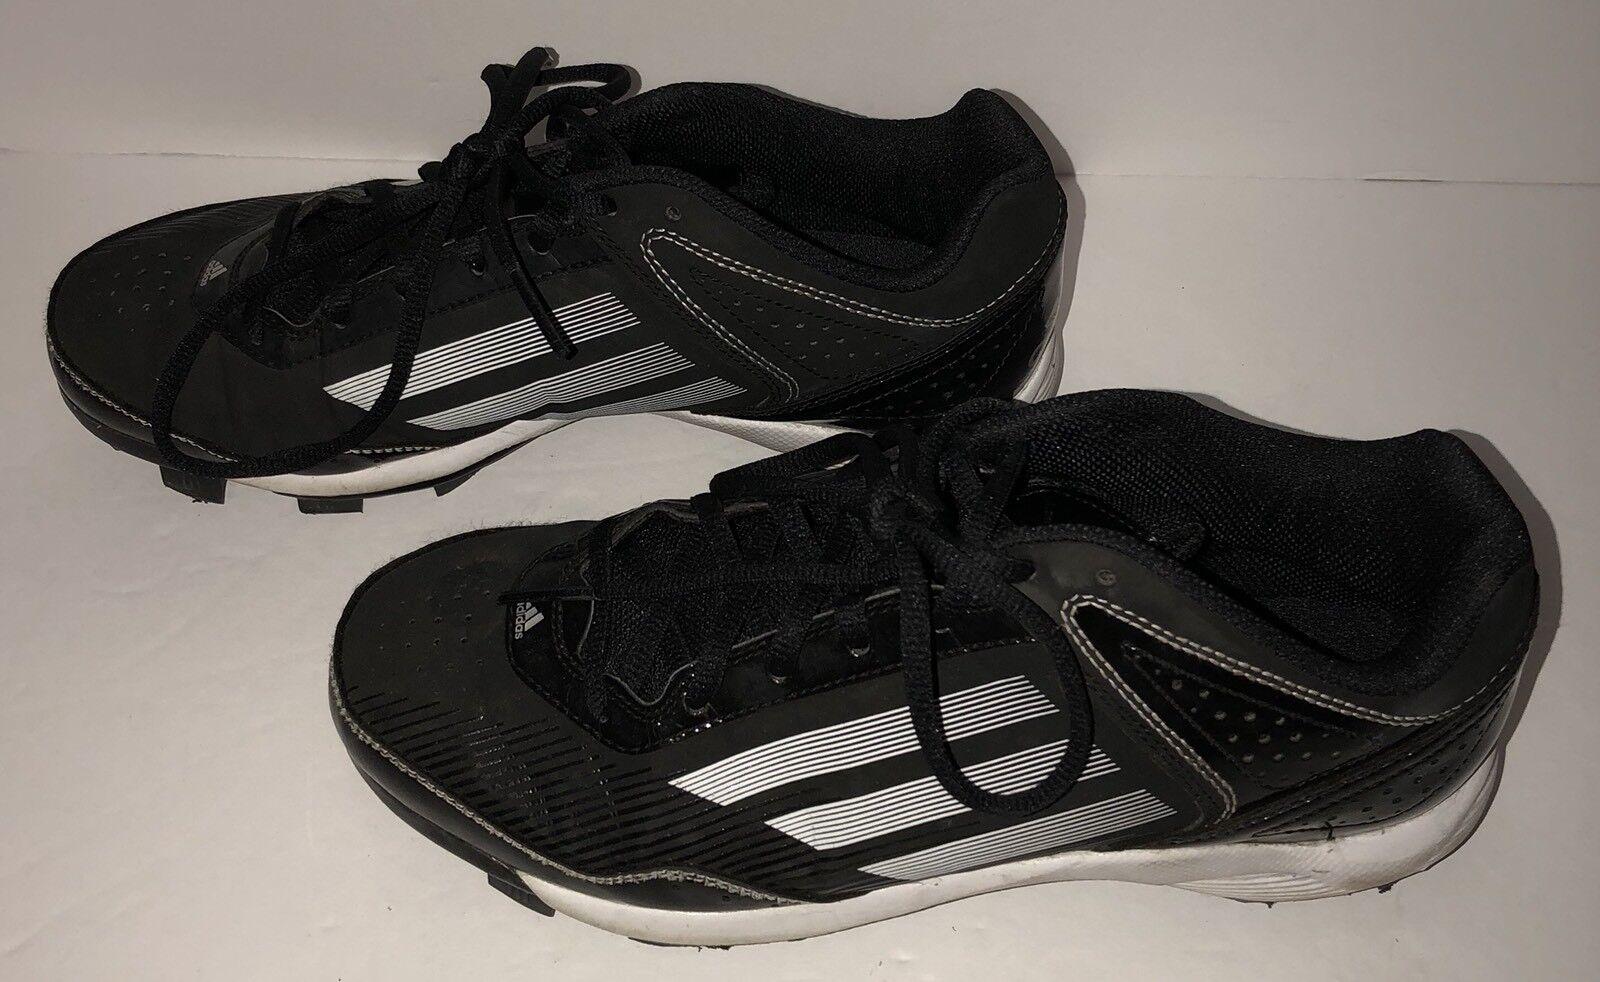 Adidas suavemente Performance hombres zapatos deportivos tacos Traxion béisbol 753001 suavemente Adidas usado marca de descuento 37aadd